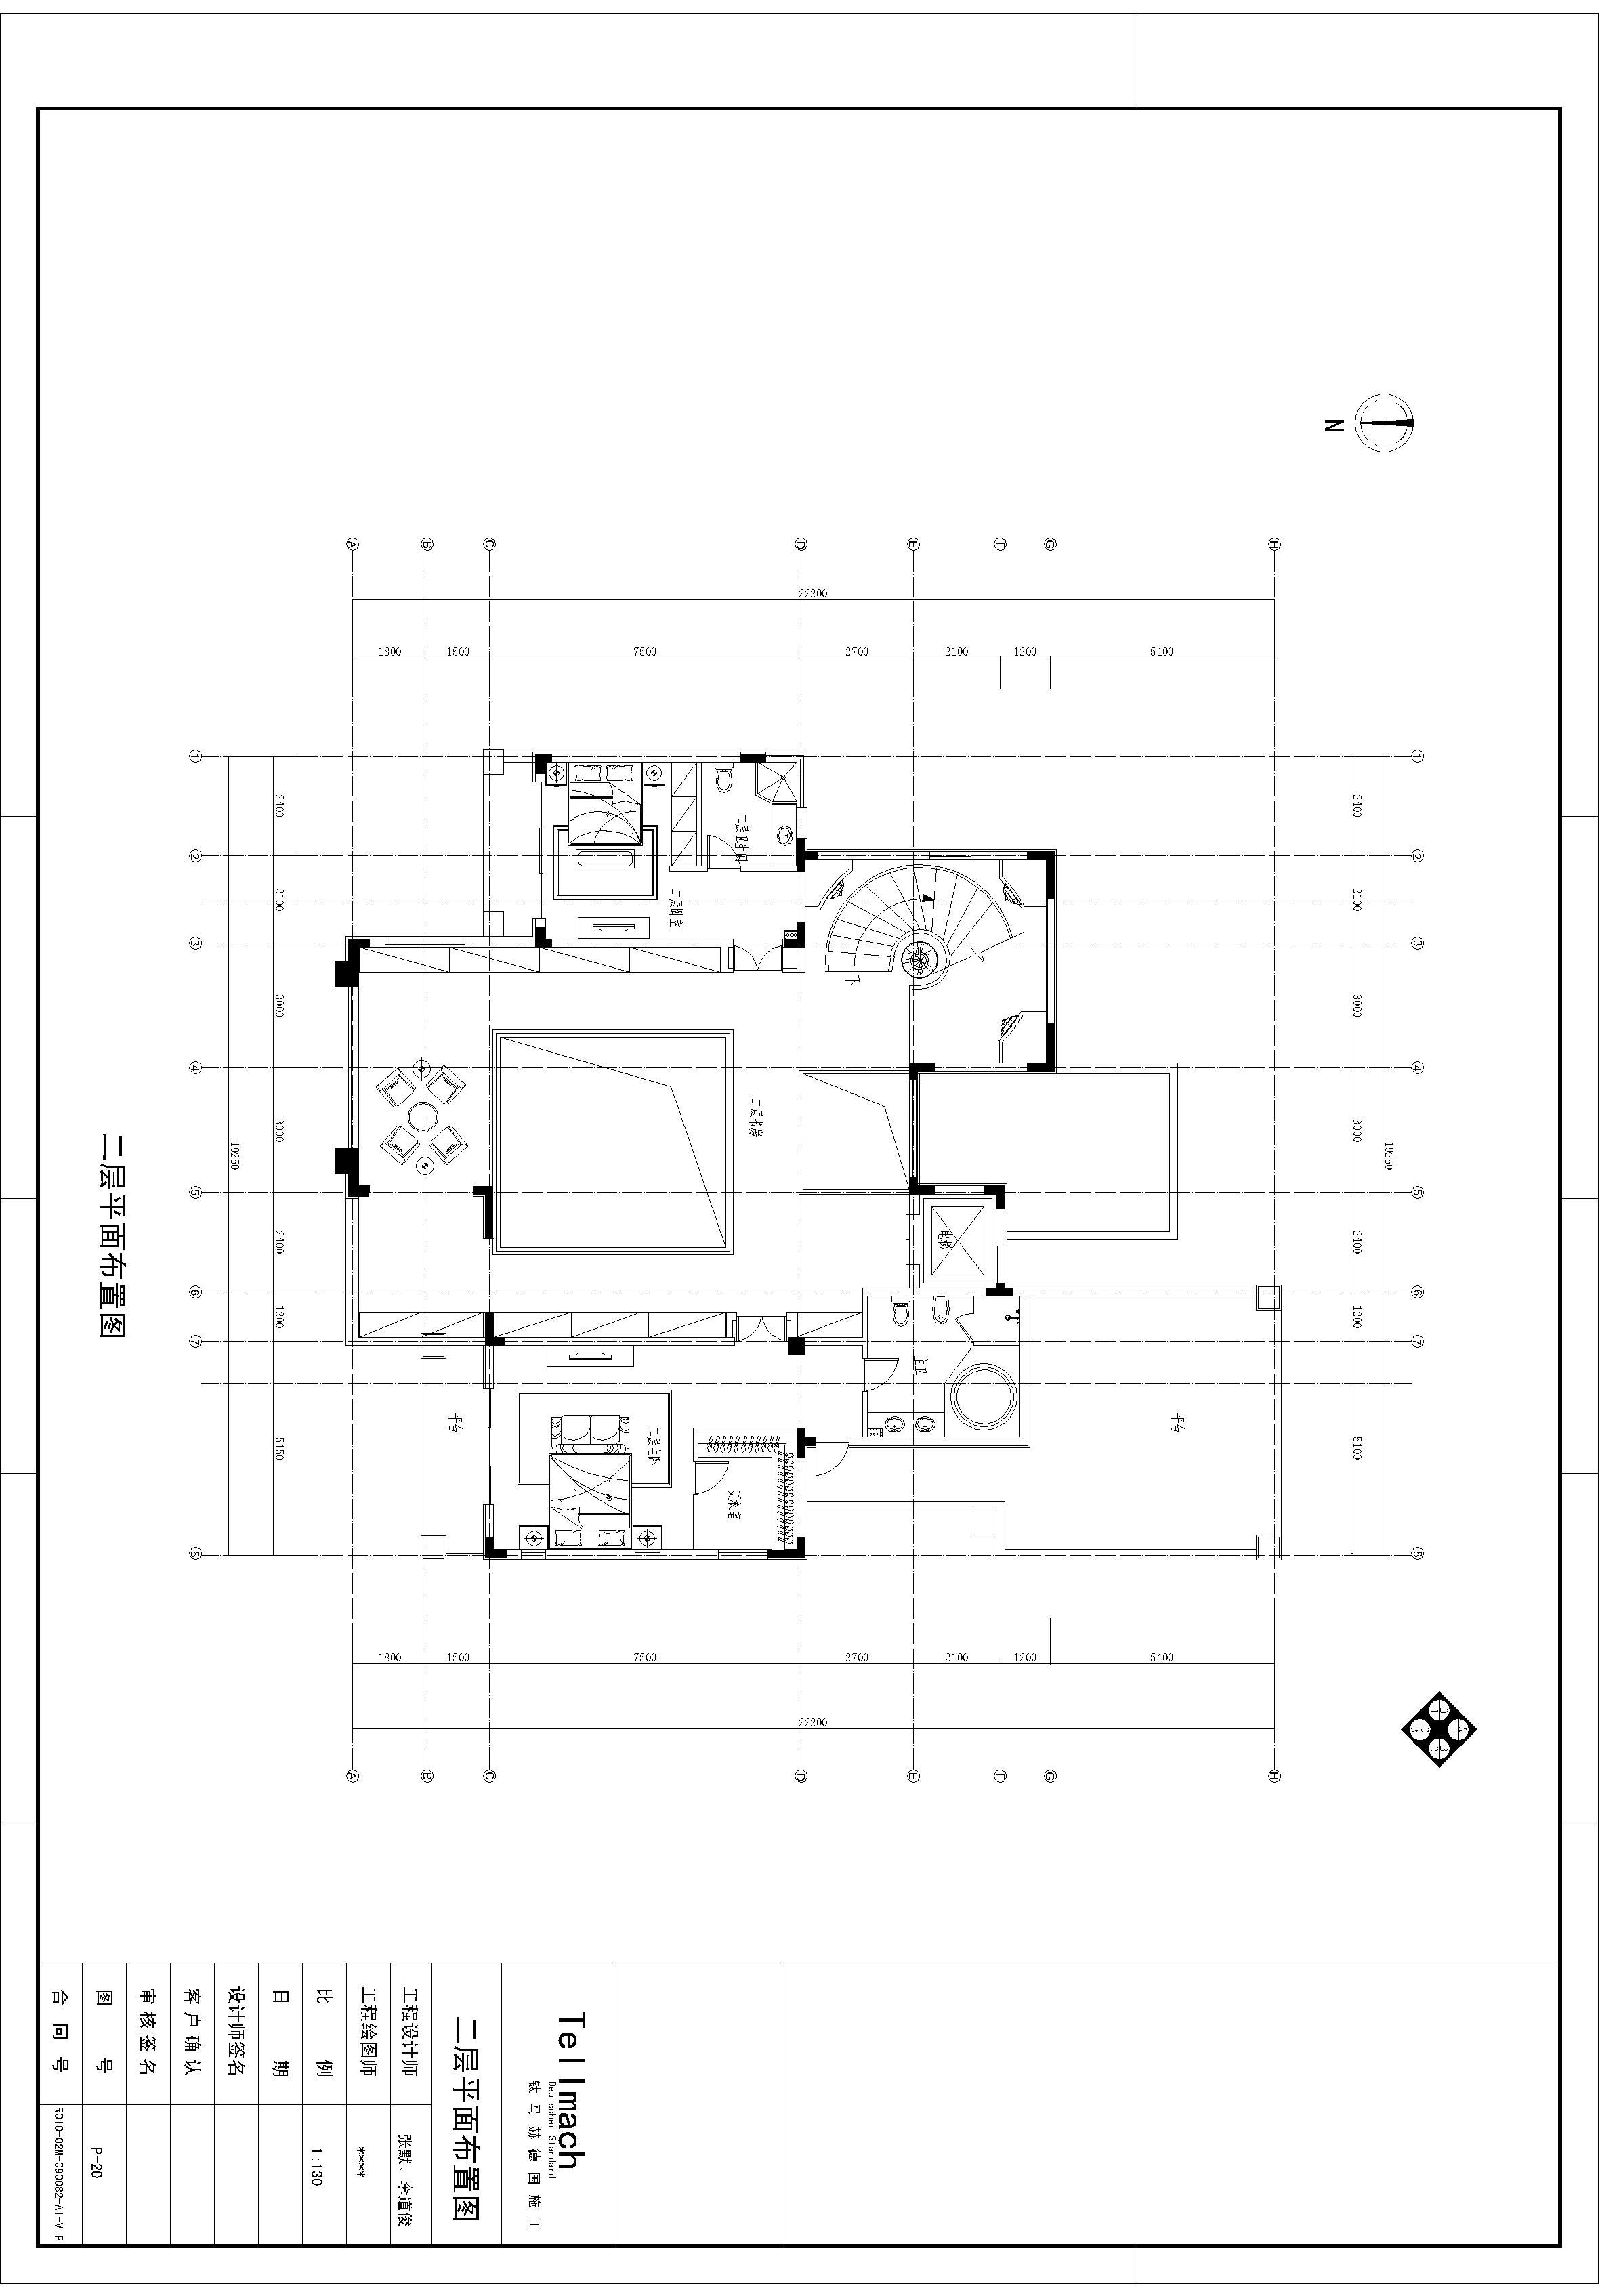 爱丽舍宫-欧美风情-别墅-装修案例设计说明